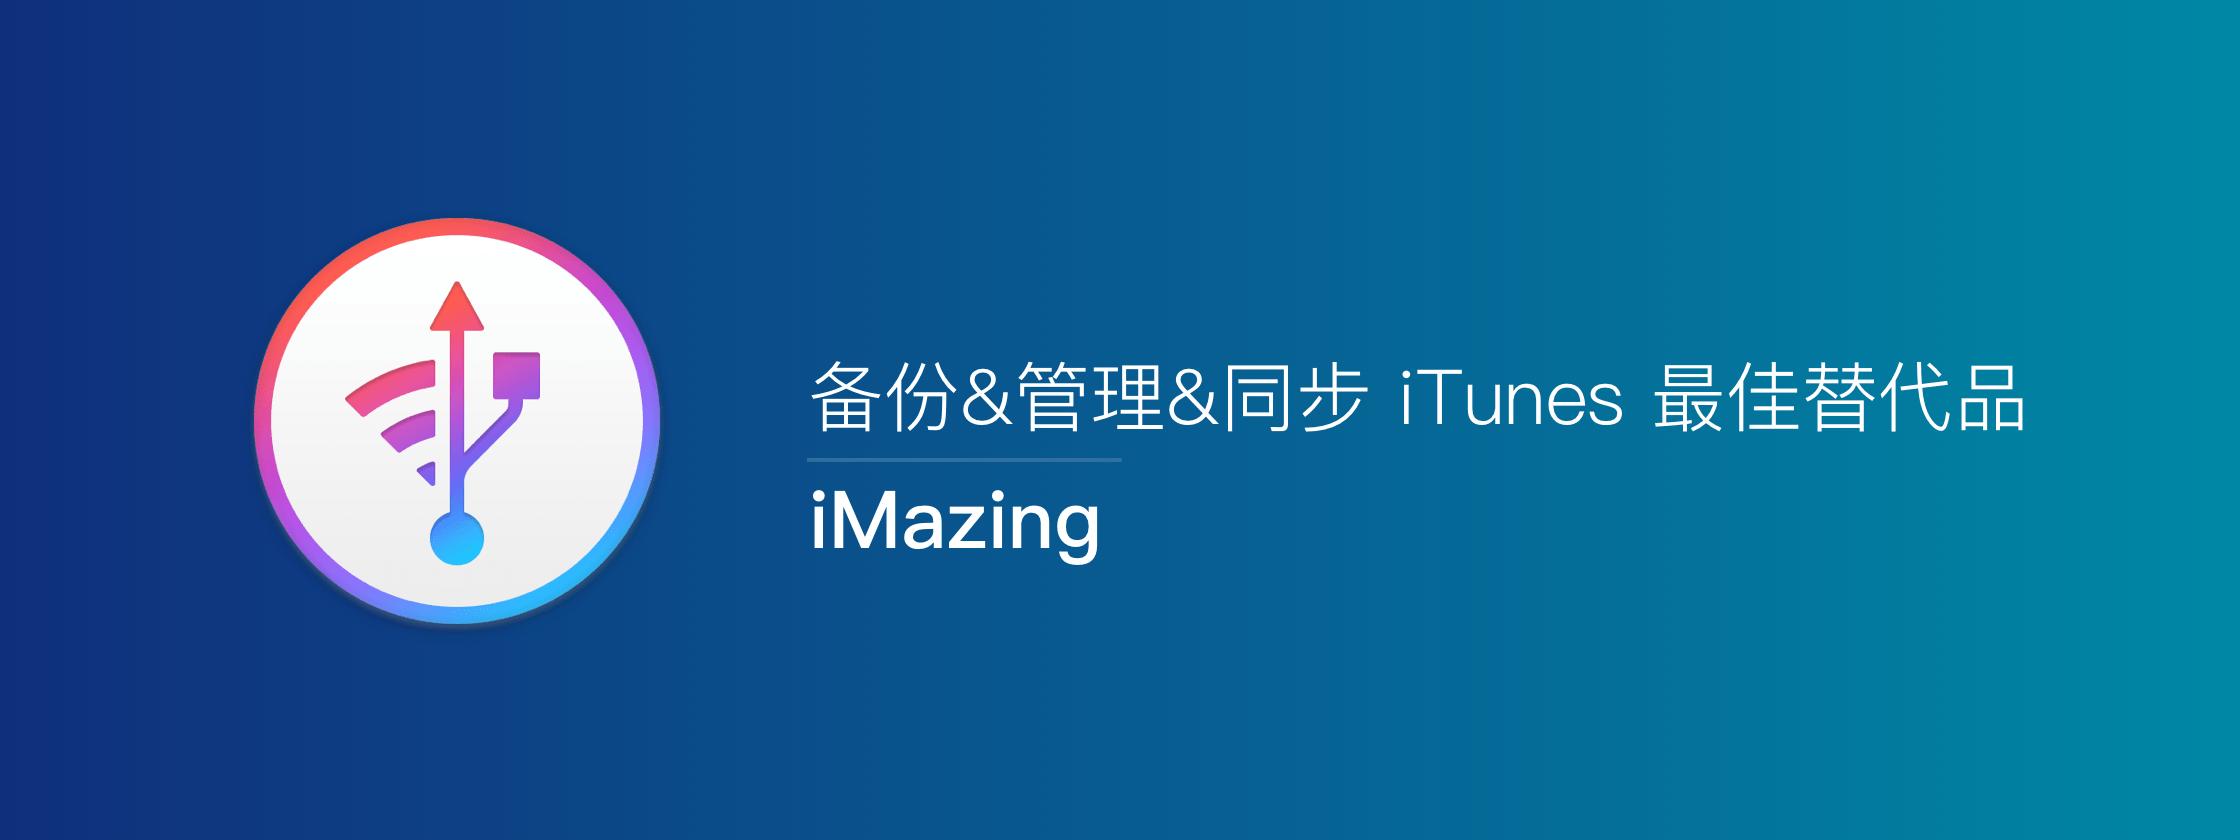 iMazing –  备份&管理&同步 iTunes 最佳替代品